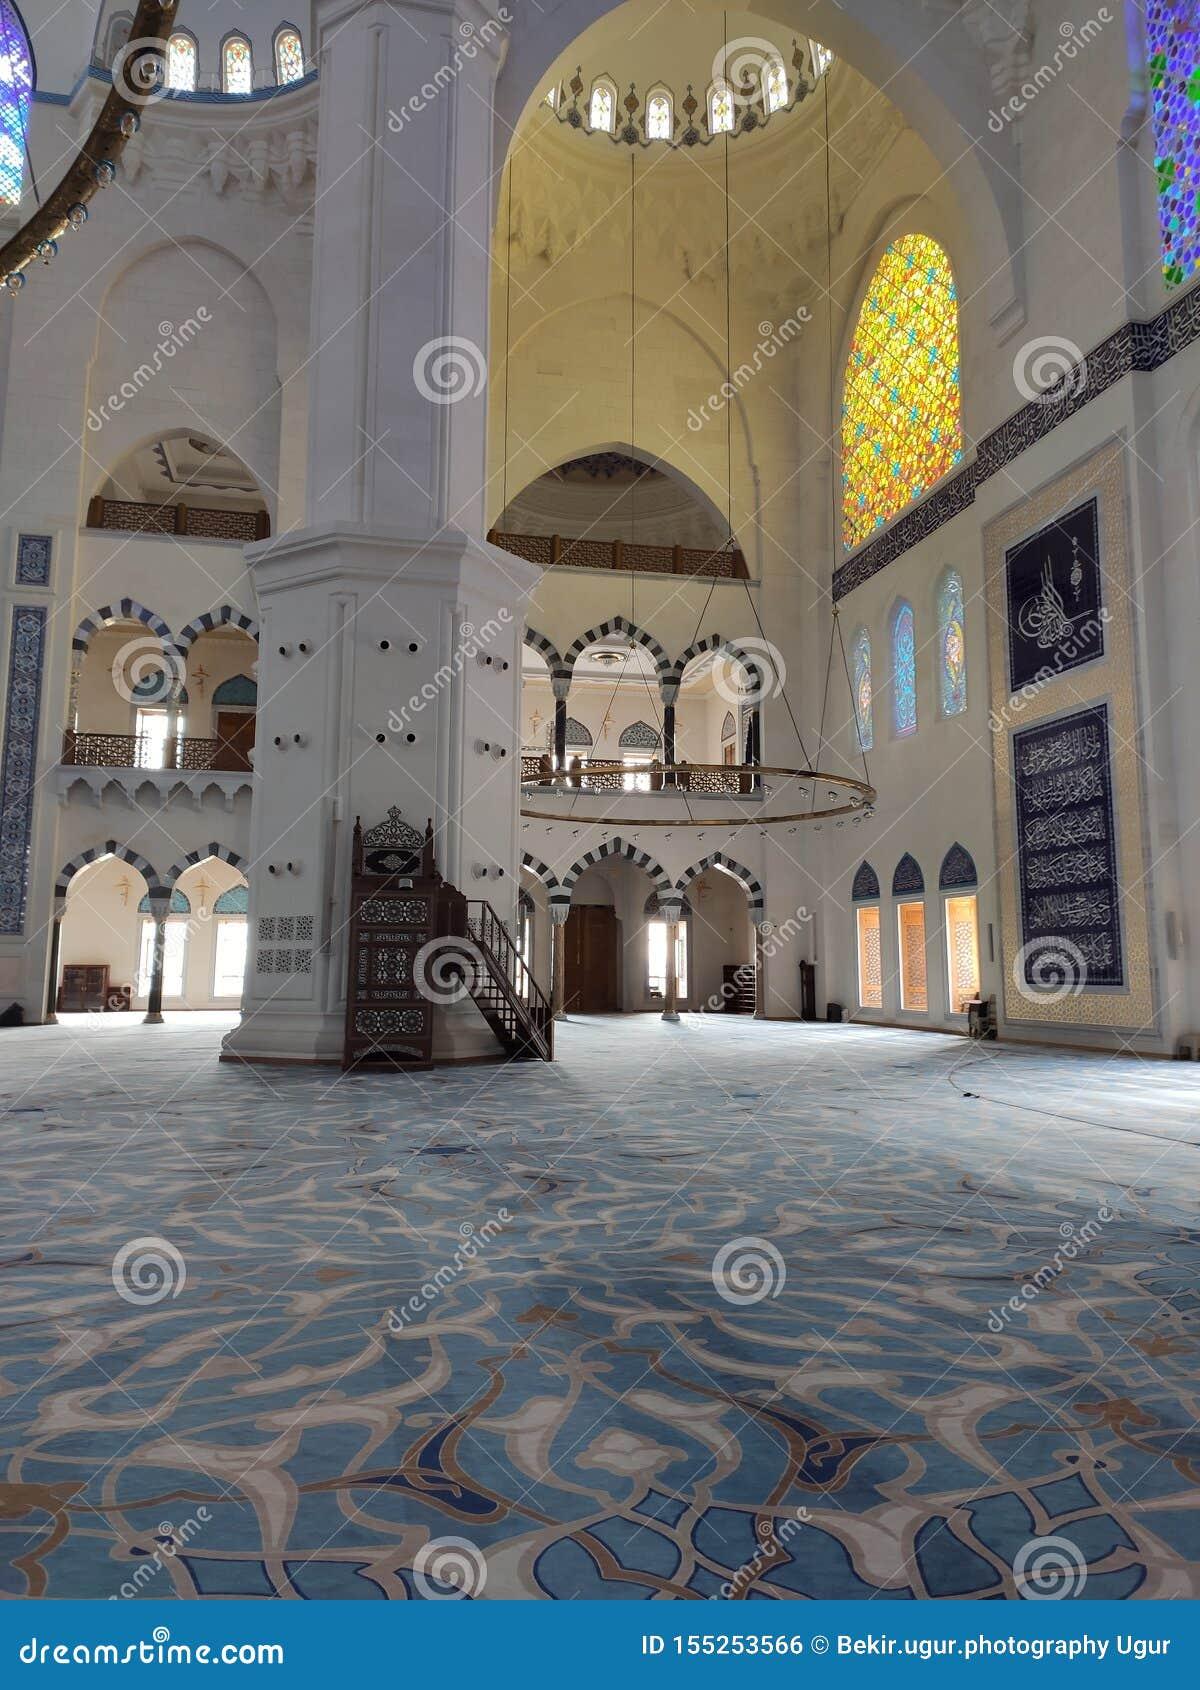 8月04日19日CAMLICA清真寺庭院视图在伊斯坦布尔,土耳其 r